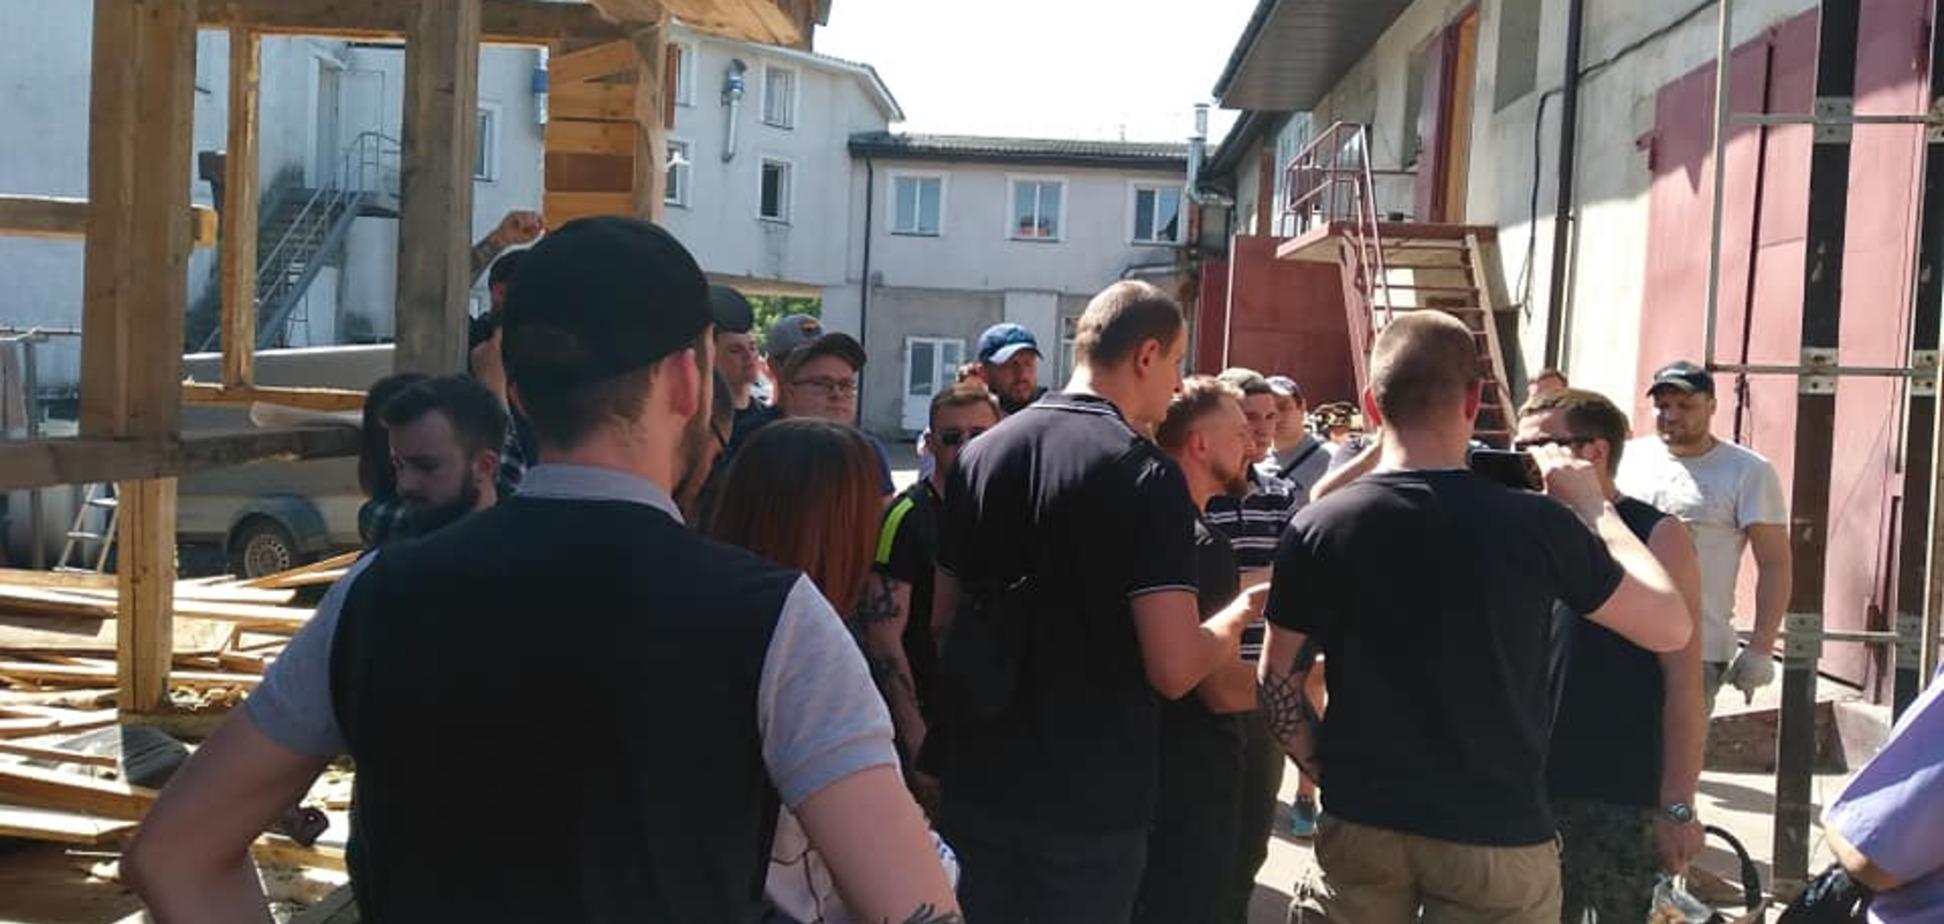 Бразильський терорист 'ДНР' Лусваргі зник з монастиря в Києві